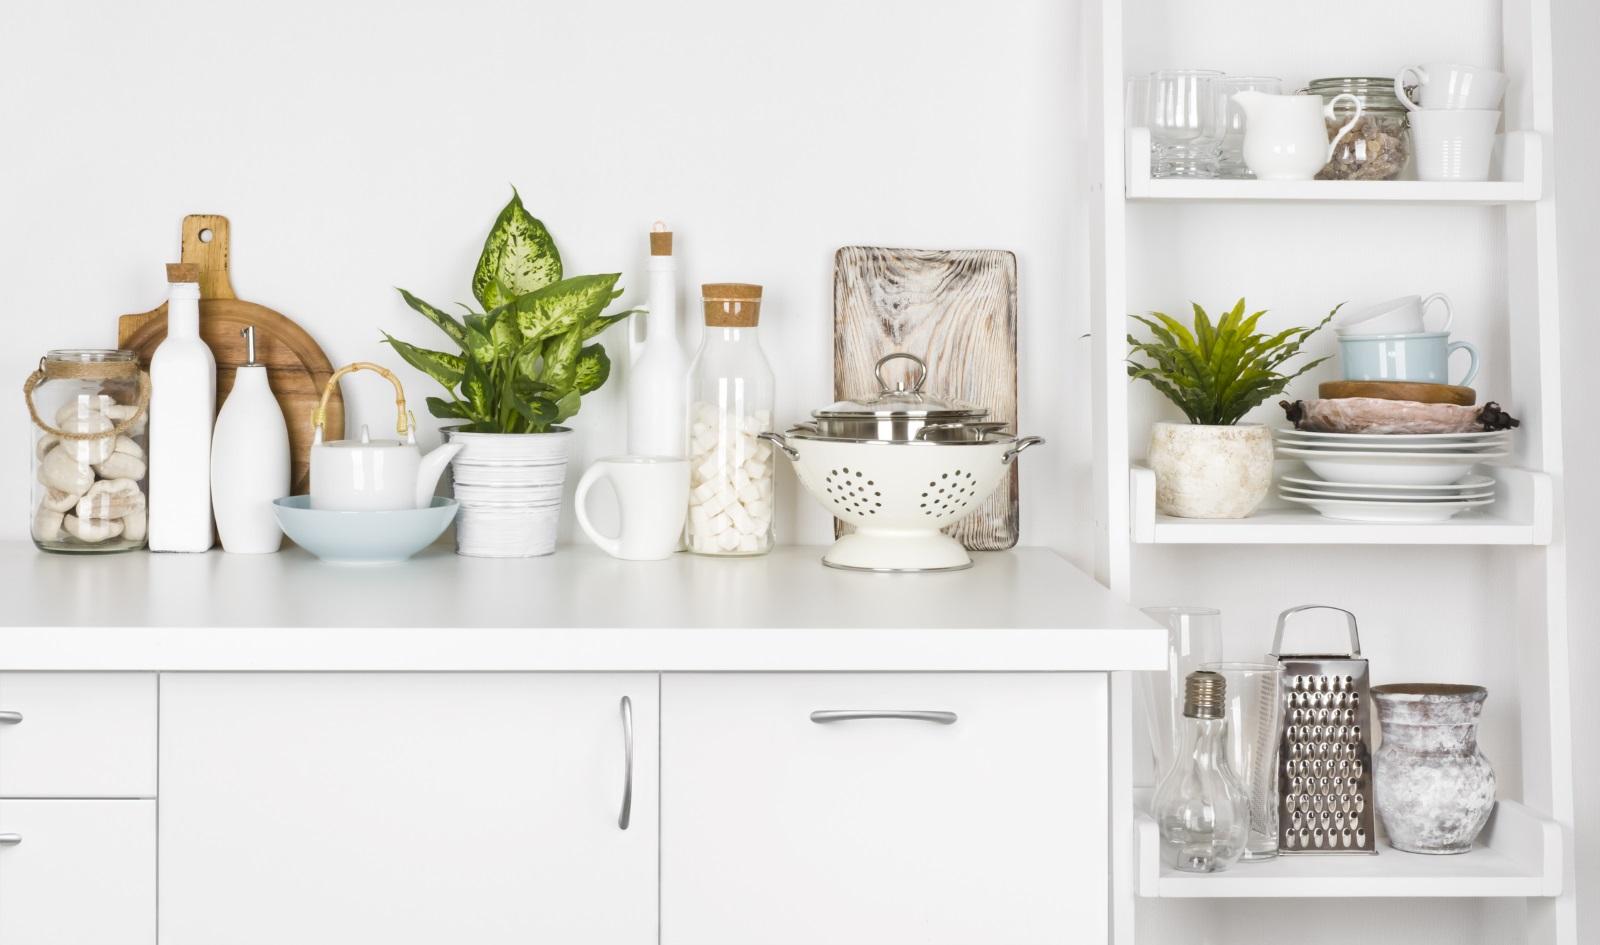 1. Кухненските шкафове -Te не бива да бъдат подлагани на много влага. Поддържайте чистотата им, като ги избърсвате с микрофибърна кърпа при нужда, а отделни места - с гъба и топла вода. Веднъж месечно можете да ги почиствате цялостно с мека гъба или кърпа с топла вода и само няколко капки перилен препарат, след това избършете с влажен парцал, а накрая подсушете със суха кърпа.